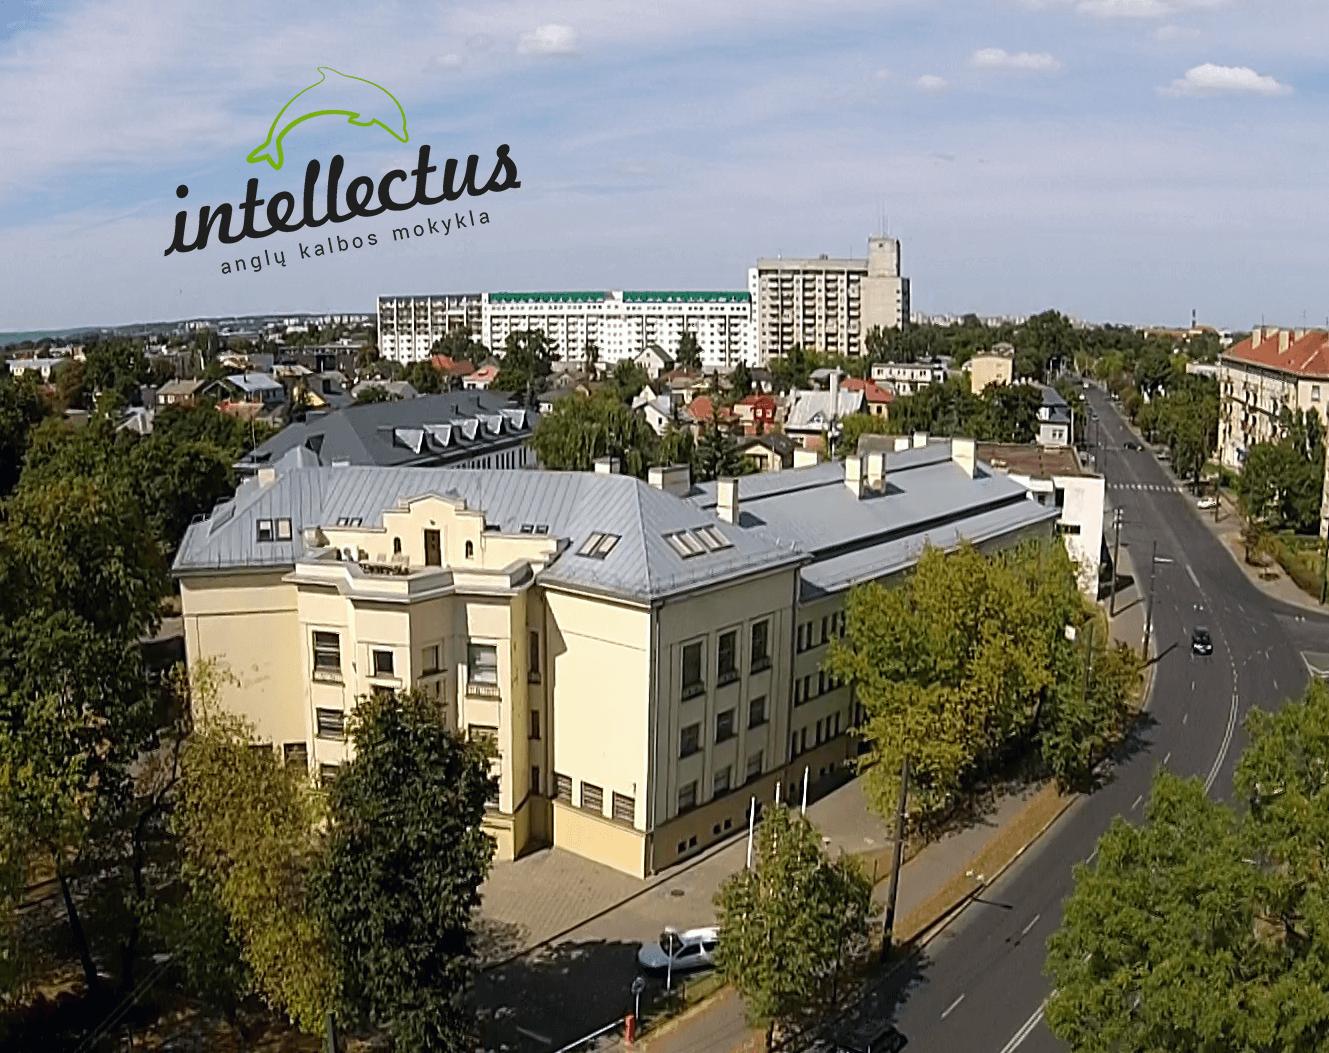 Anglų kalbos kursai Kaune nuo 2018 rudens